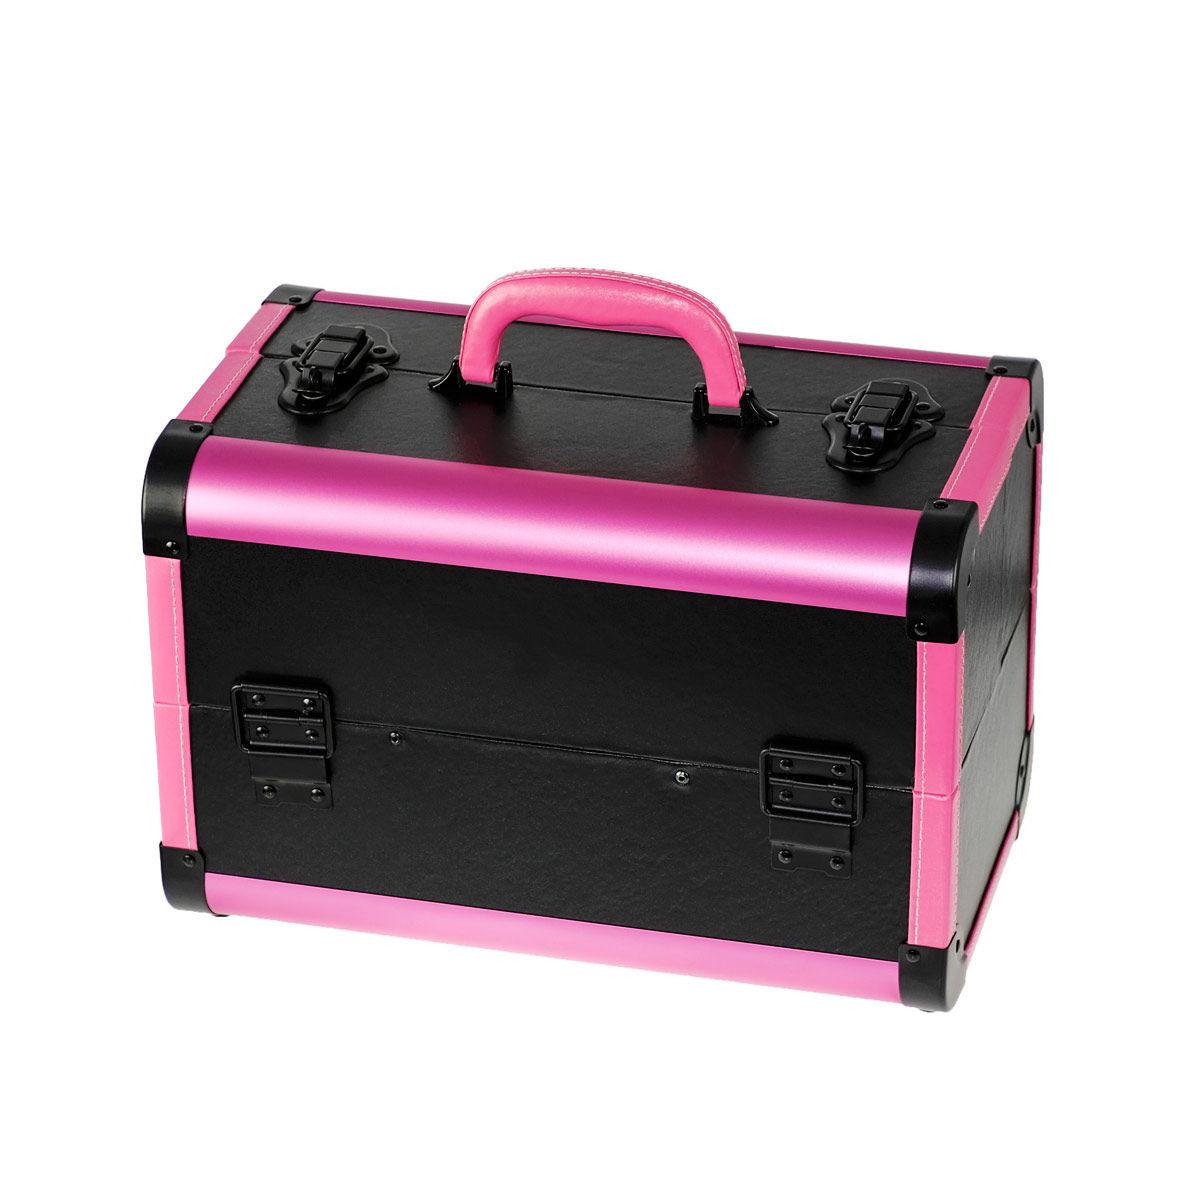 Ráj nehtů Kosmetický kufřík SENSE - leather, černo-růžový